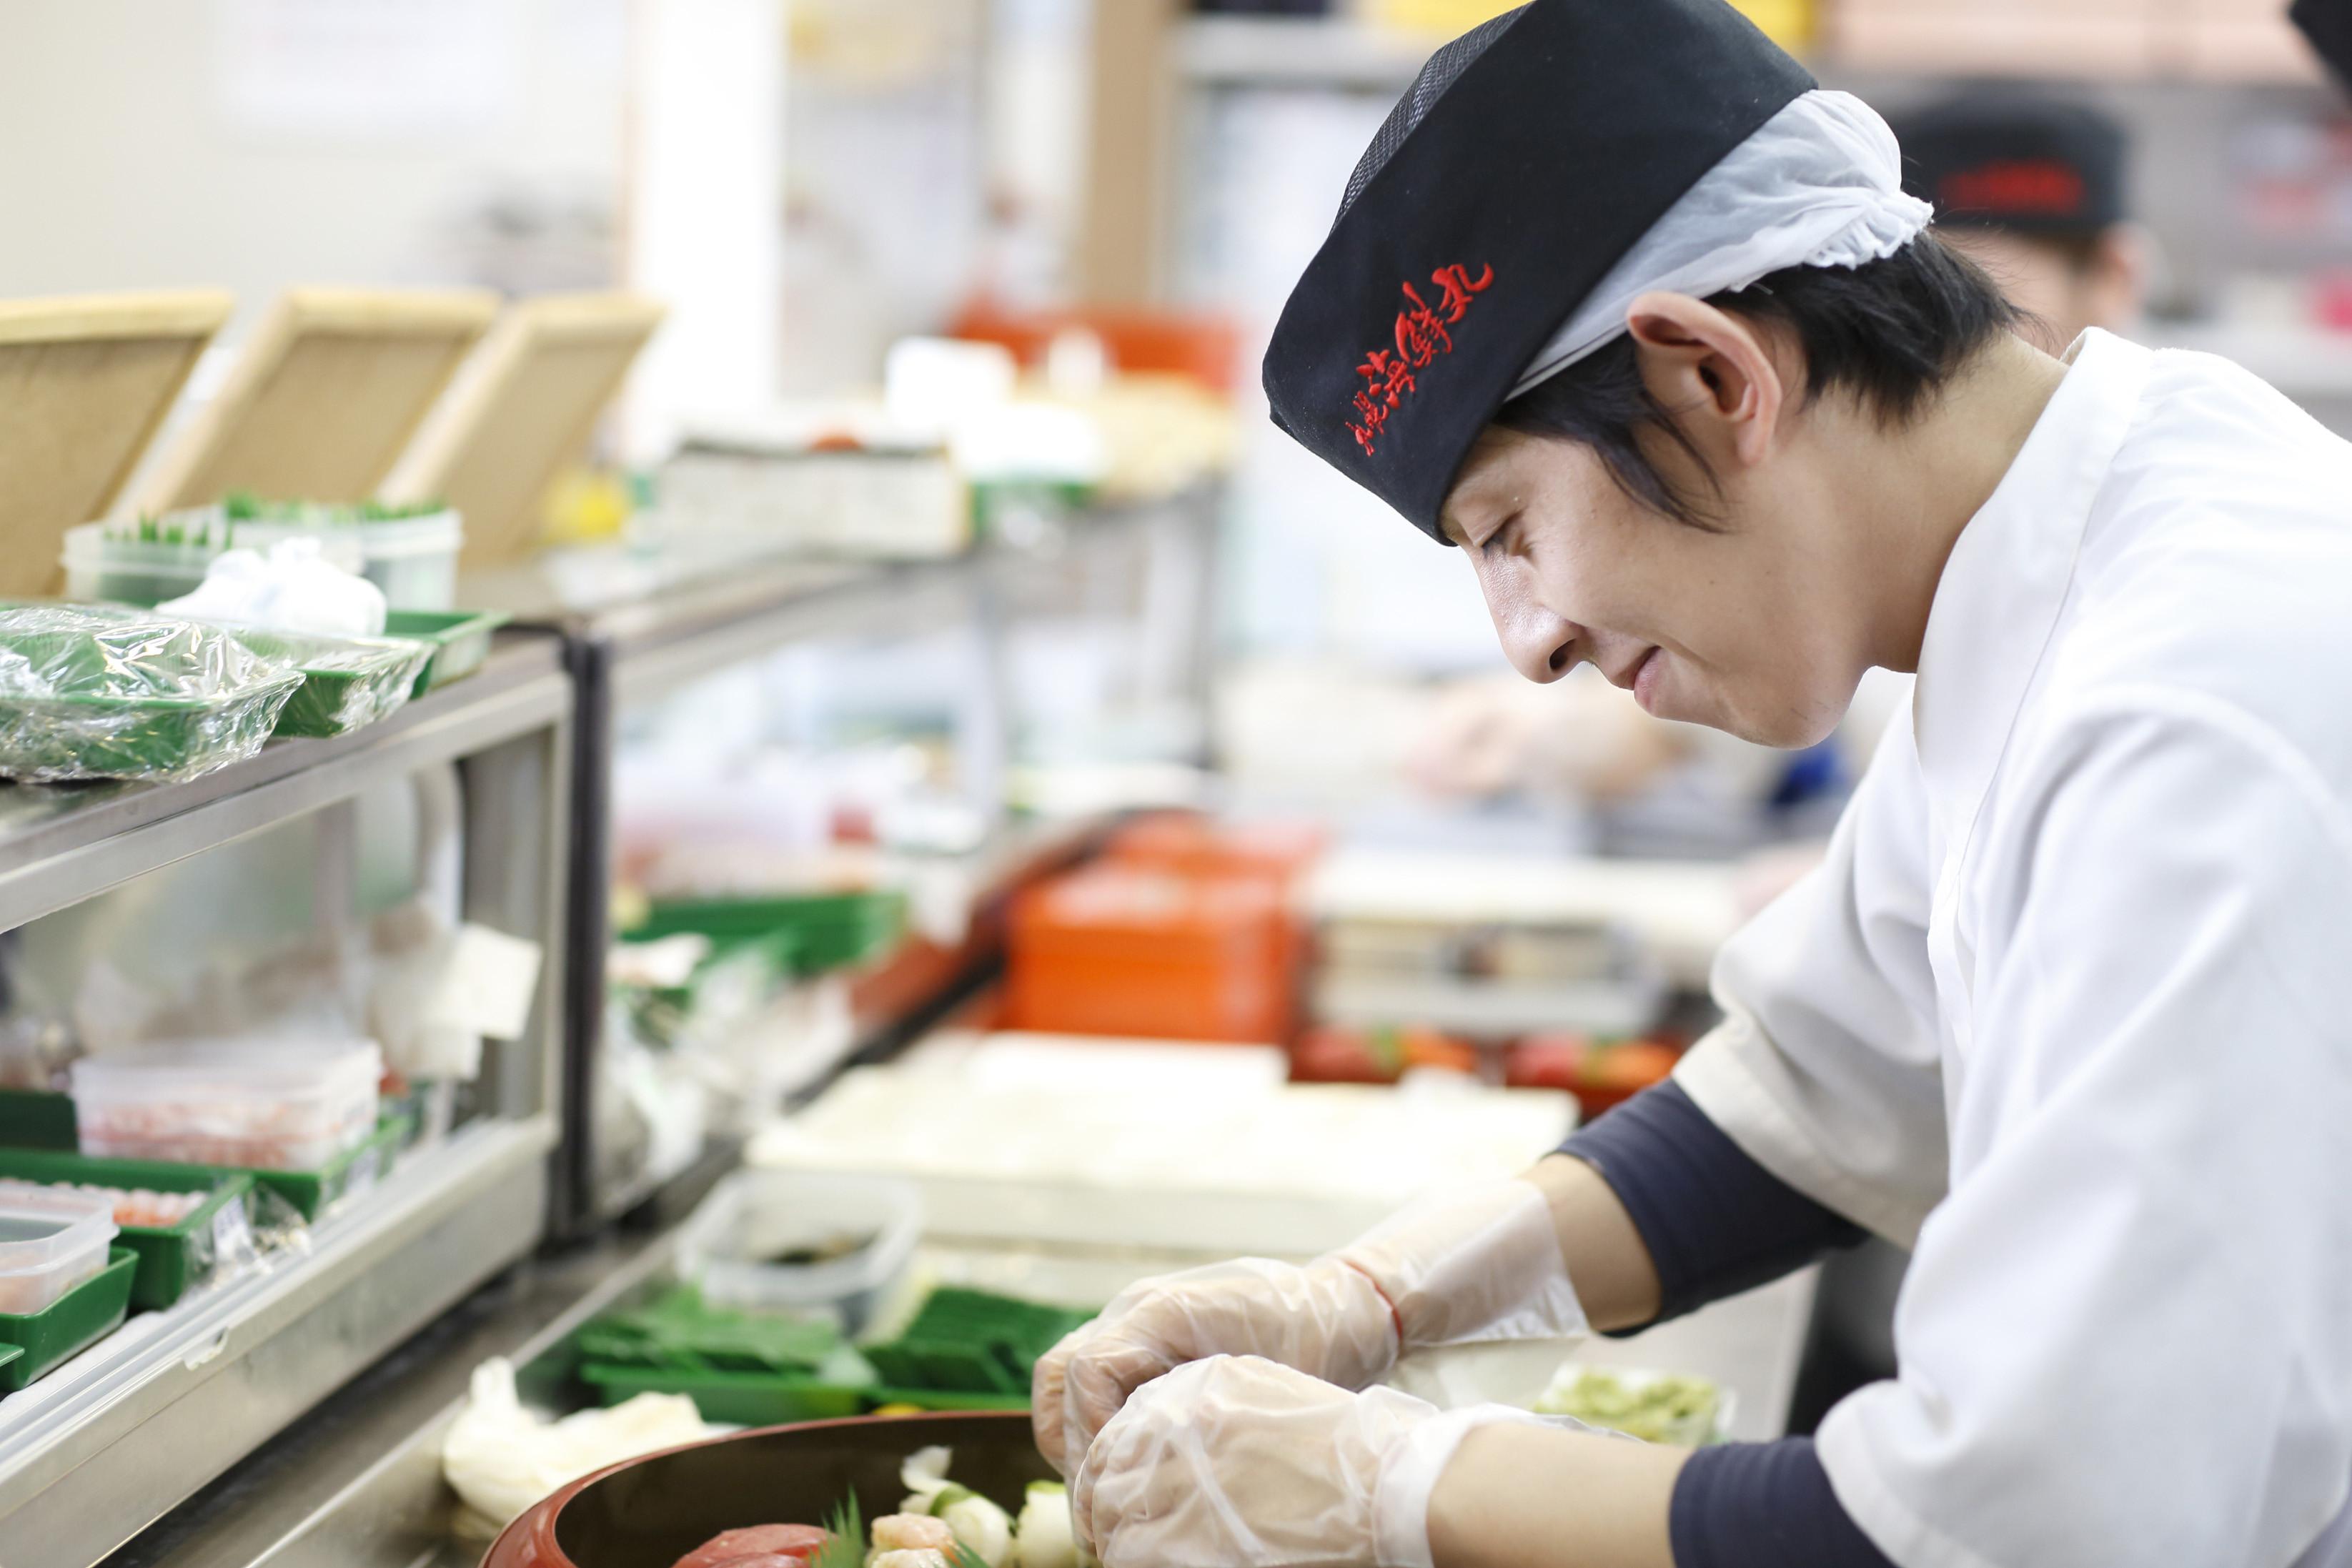 札幌海鮮丸 石山店 キッチンスタッフのアルバイト情報